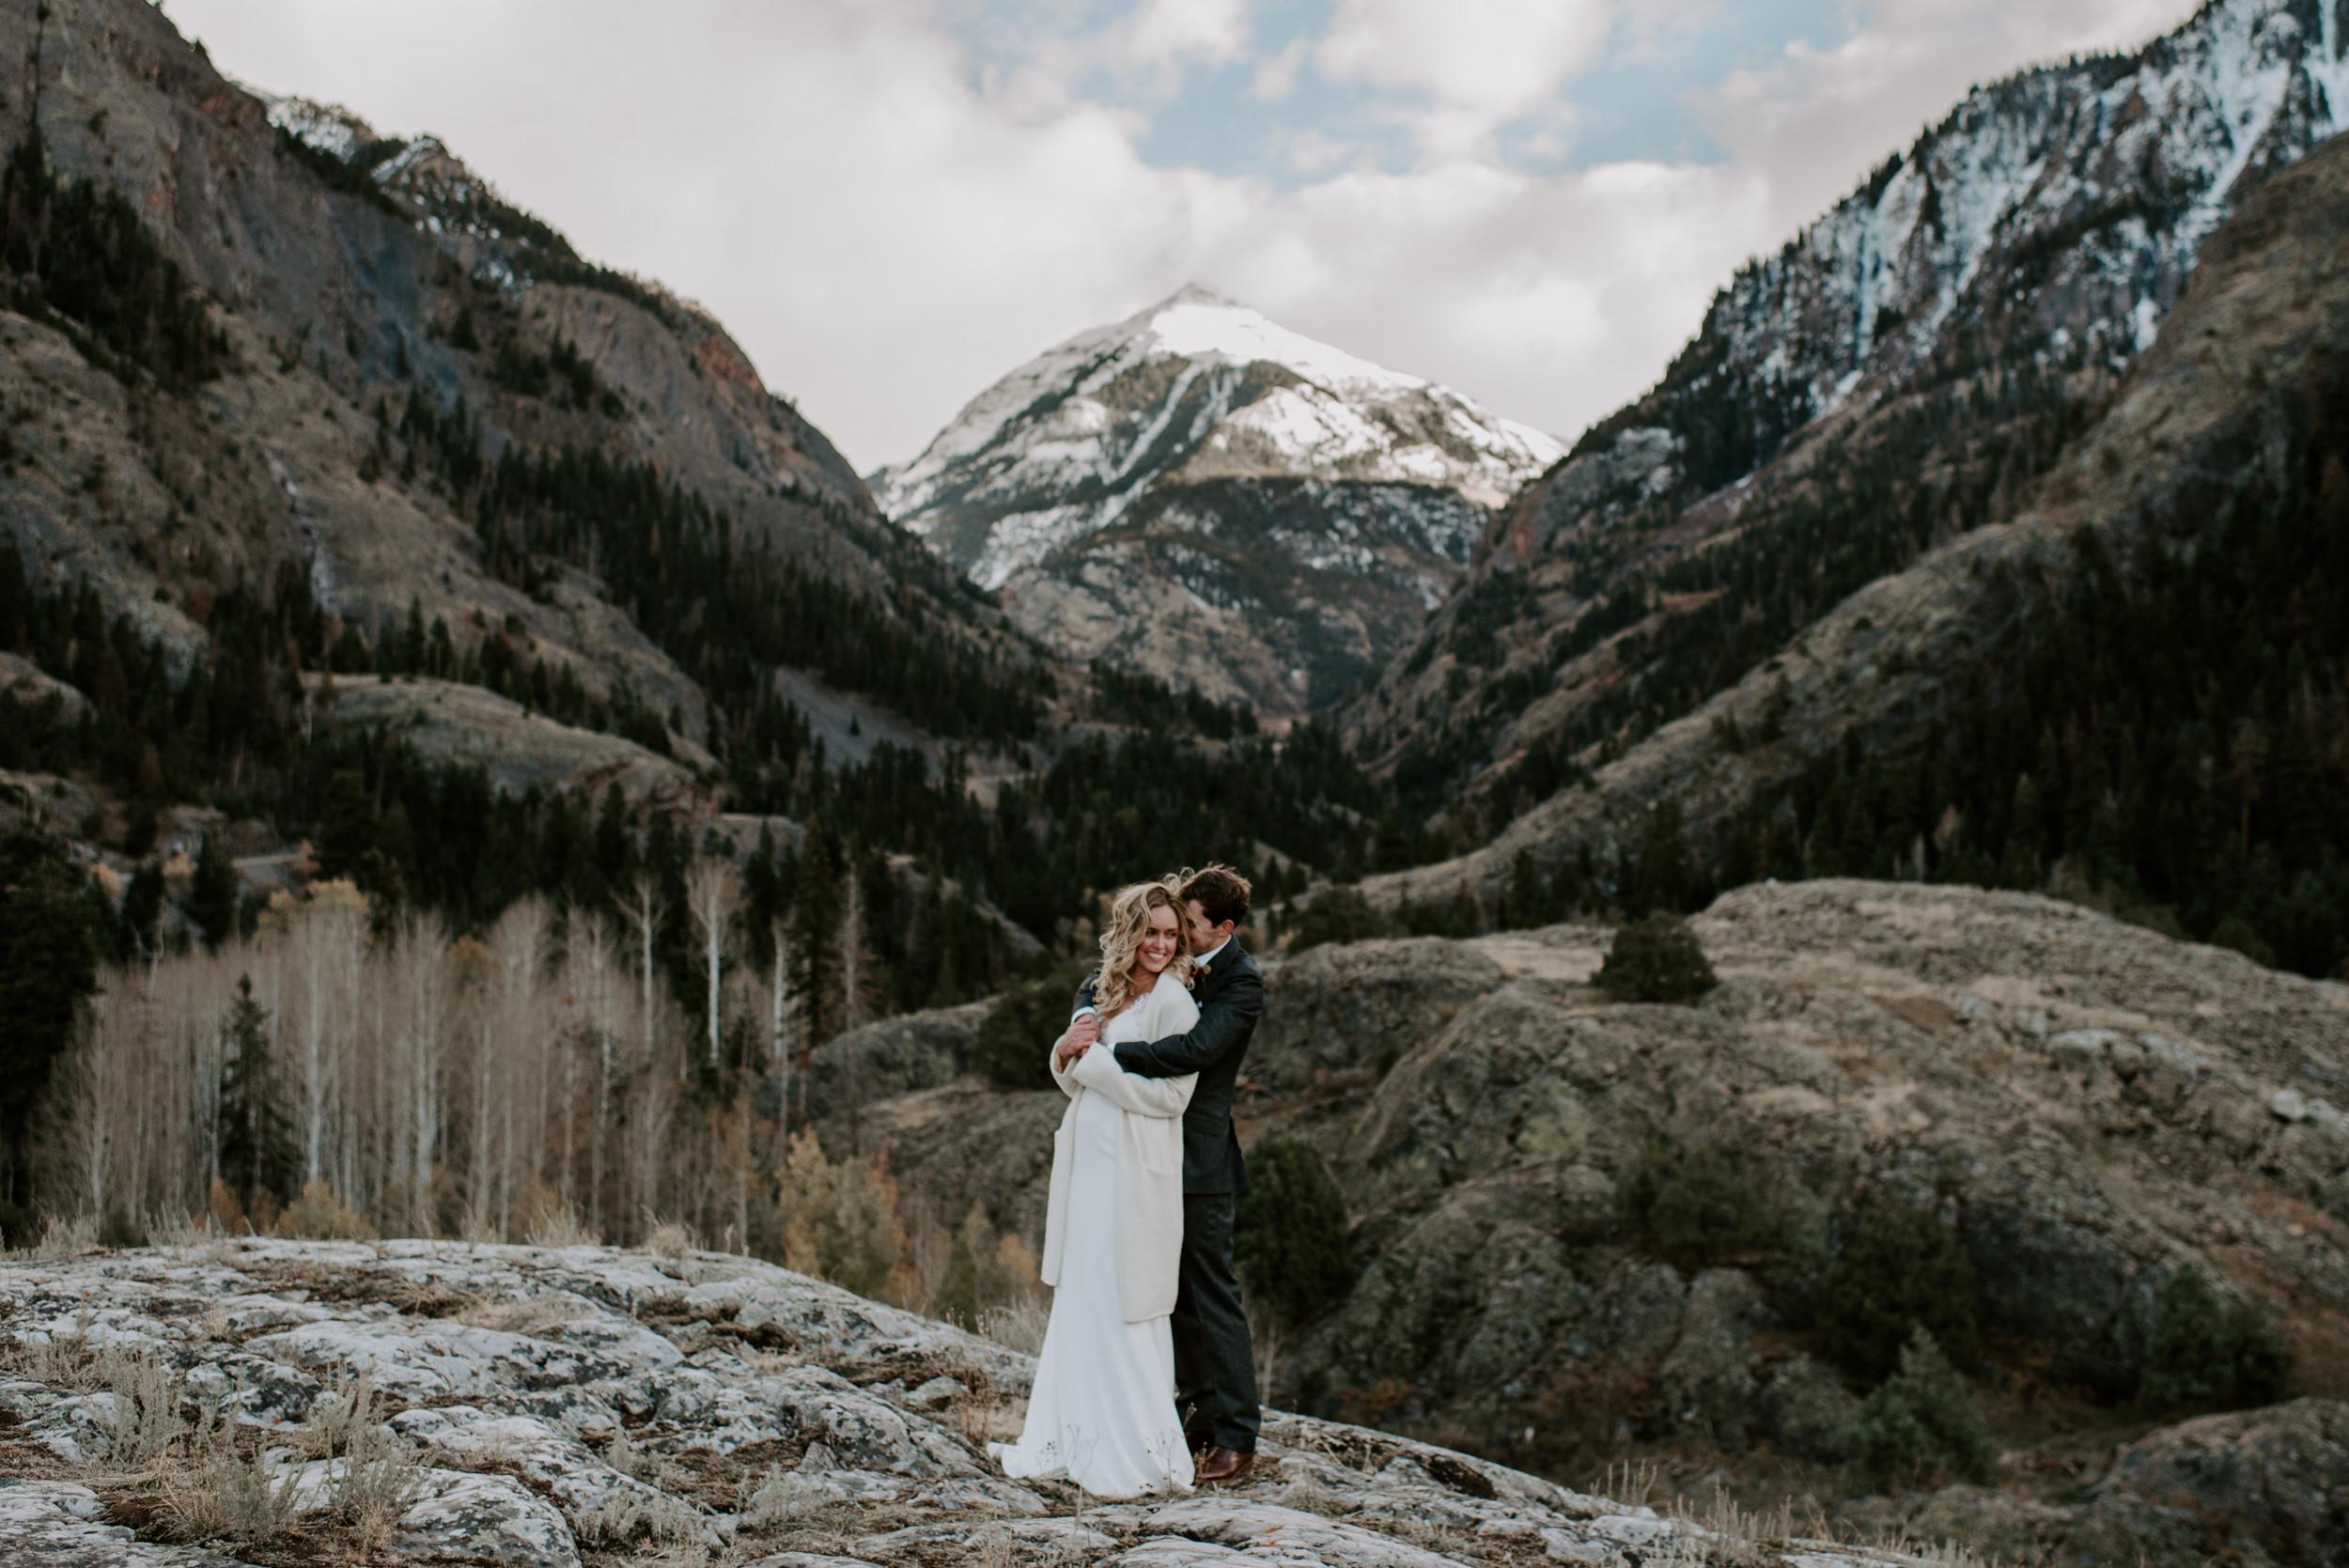 Ouray, Colorado elopement photos at sunset. Colorado wedding photographer. Denver adventure elopement.